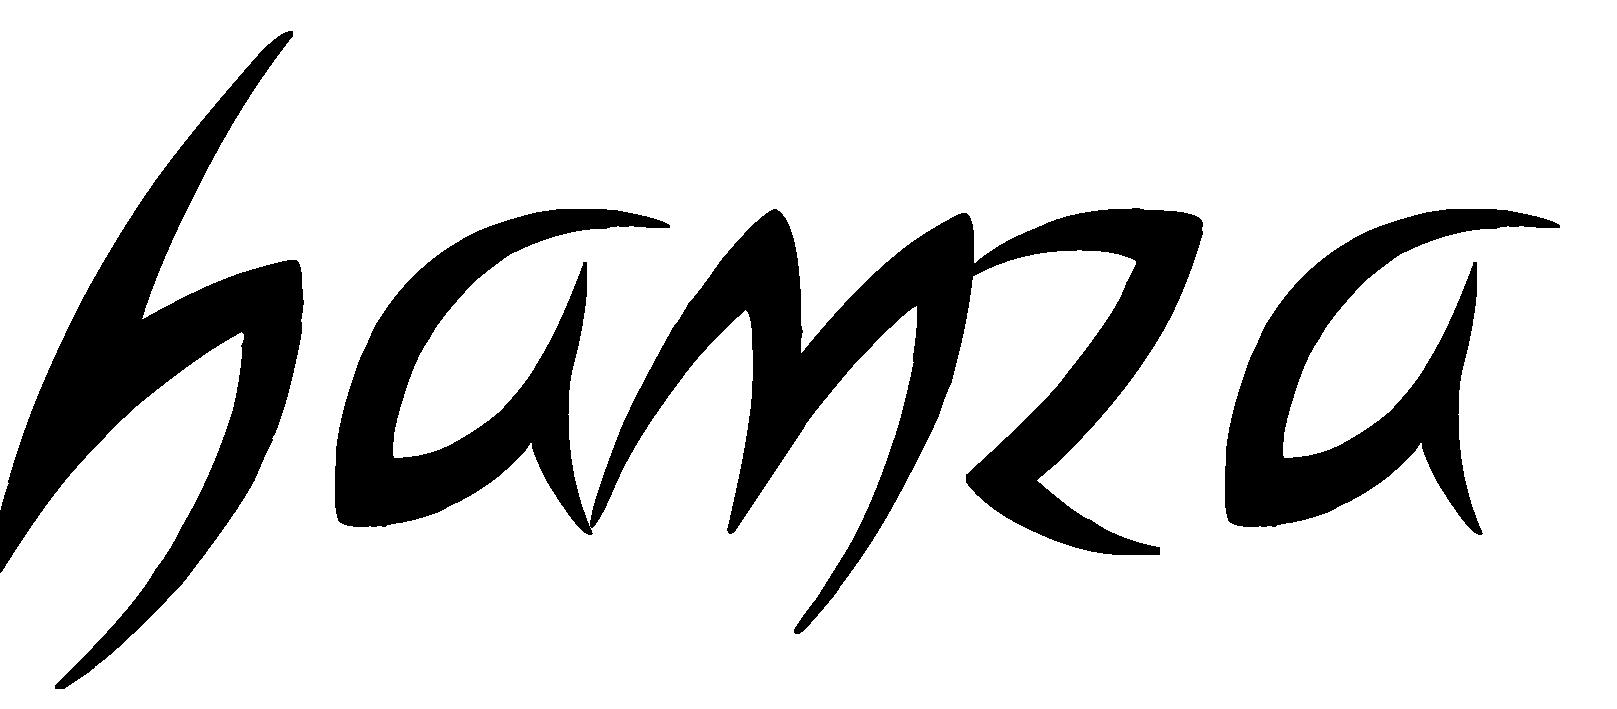 صور اسم حمزة مزخرف انجليزى معنى اسم حمزة و شعر و غلاف و رمزيات